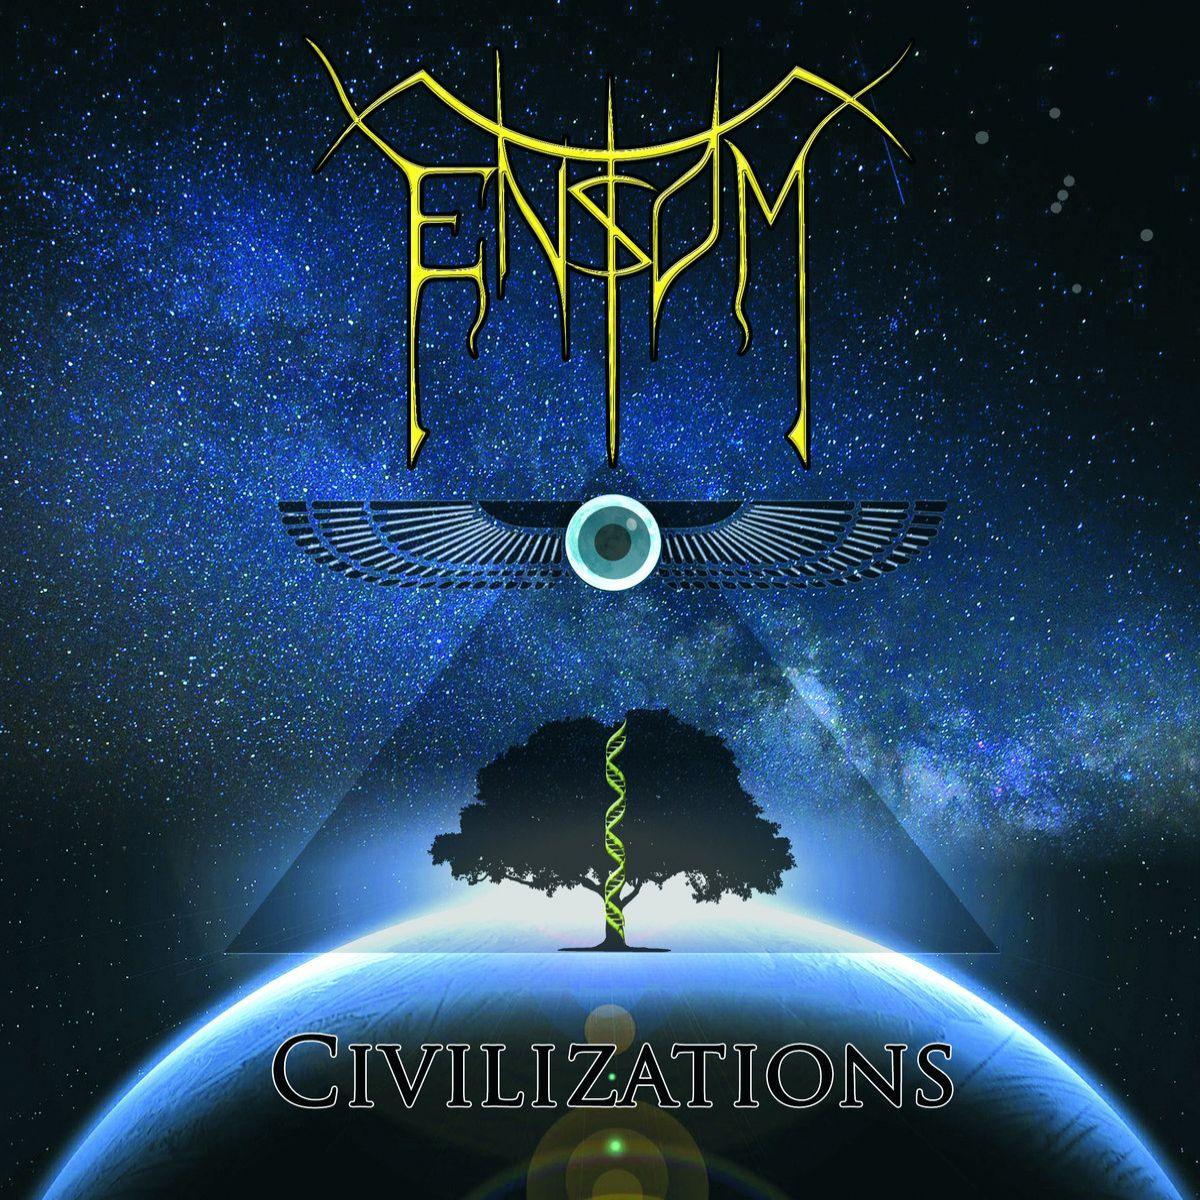 Ensom - Civilizations